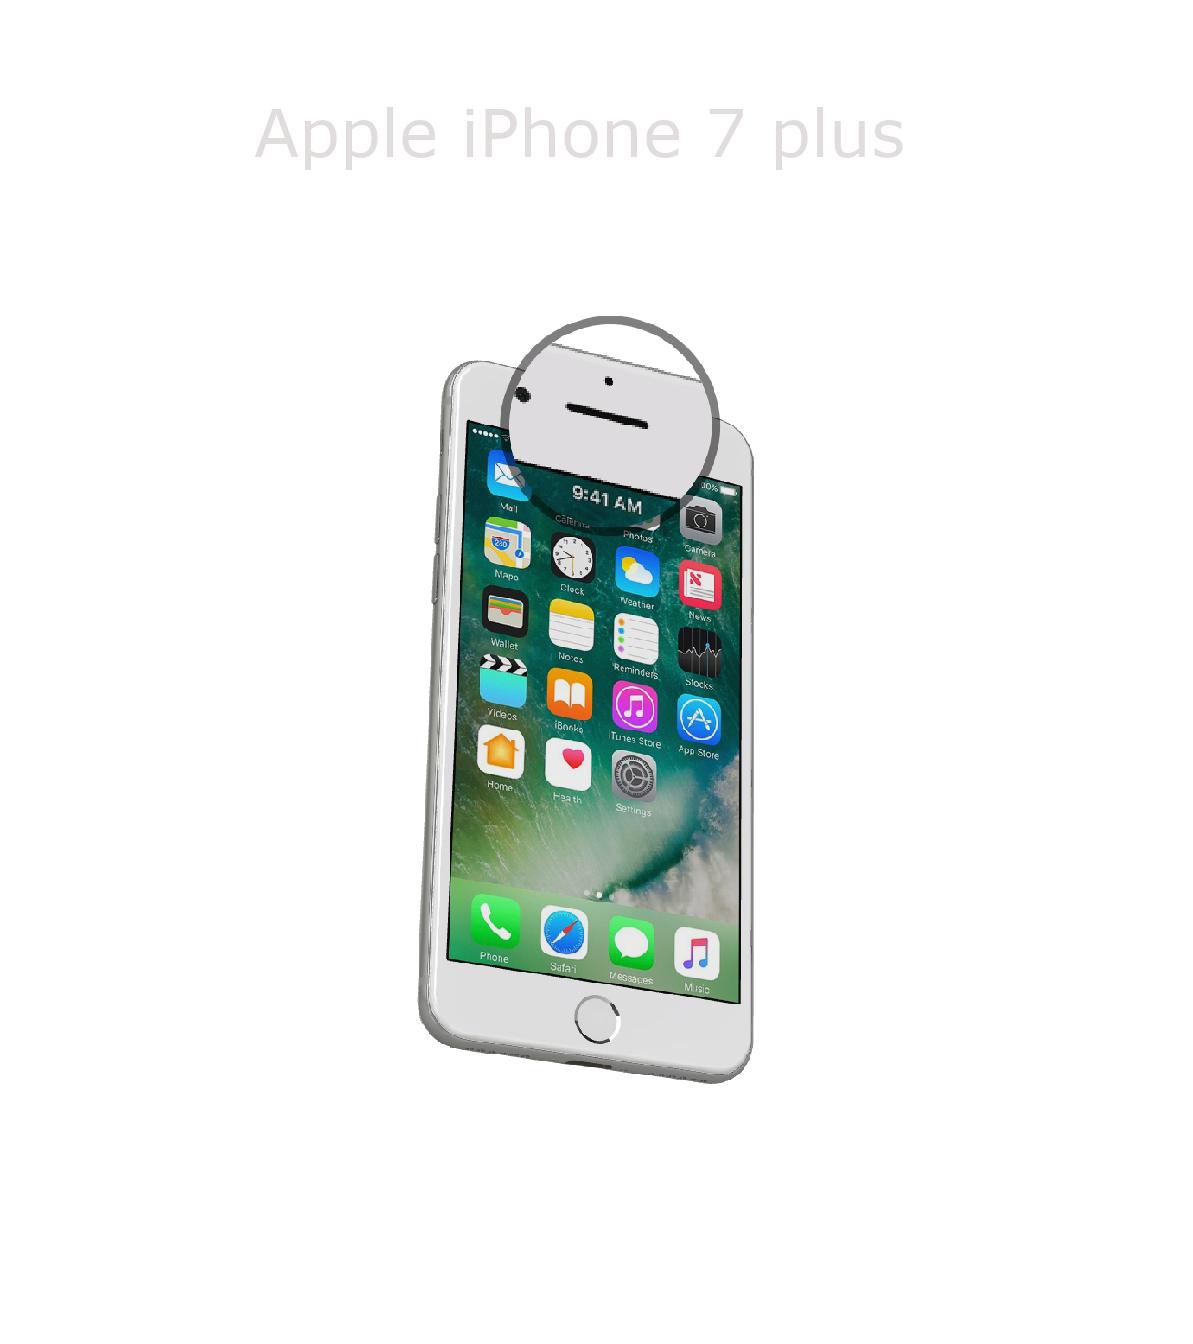 Laga samtalshögtalare iPhone 7 plus